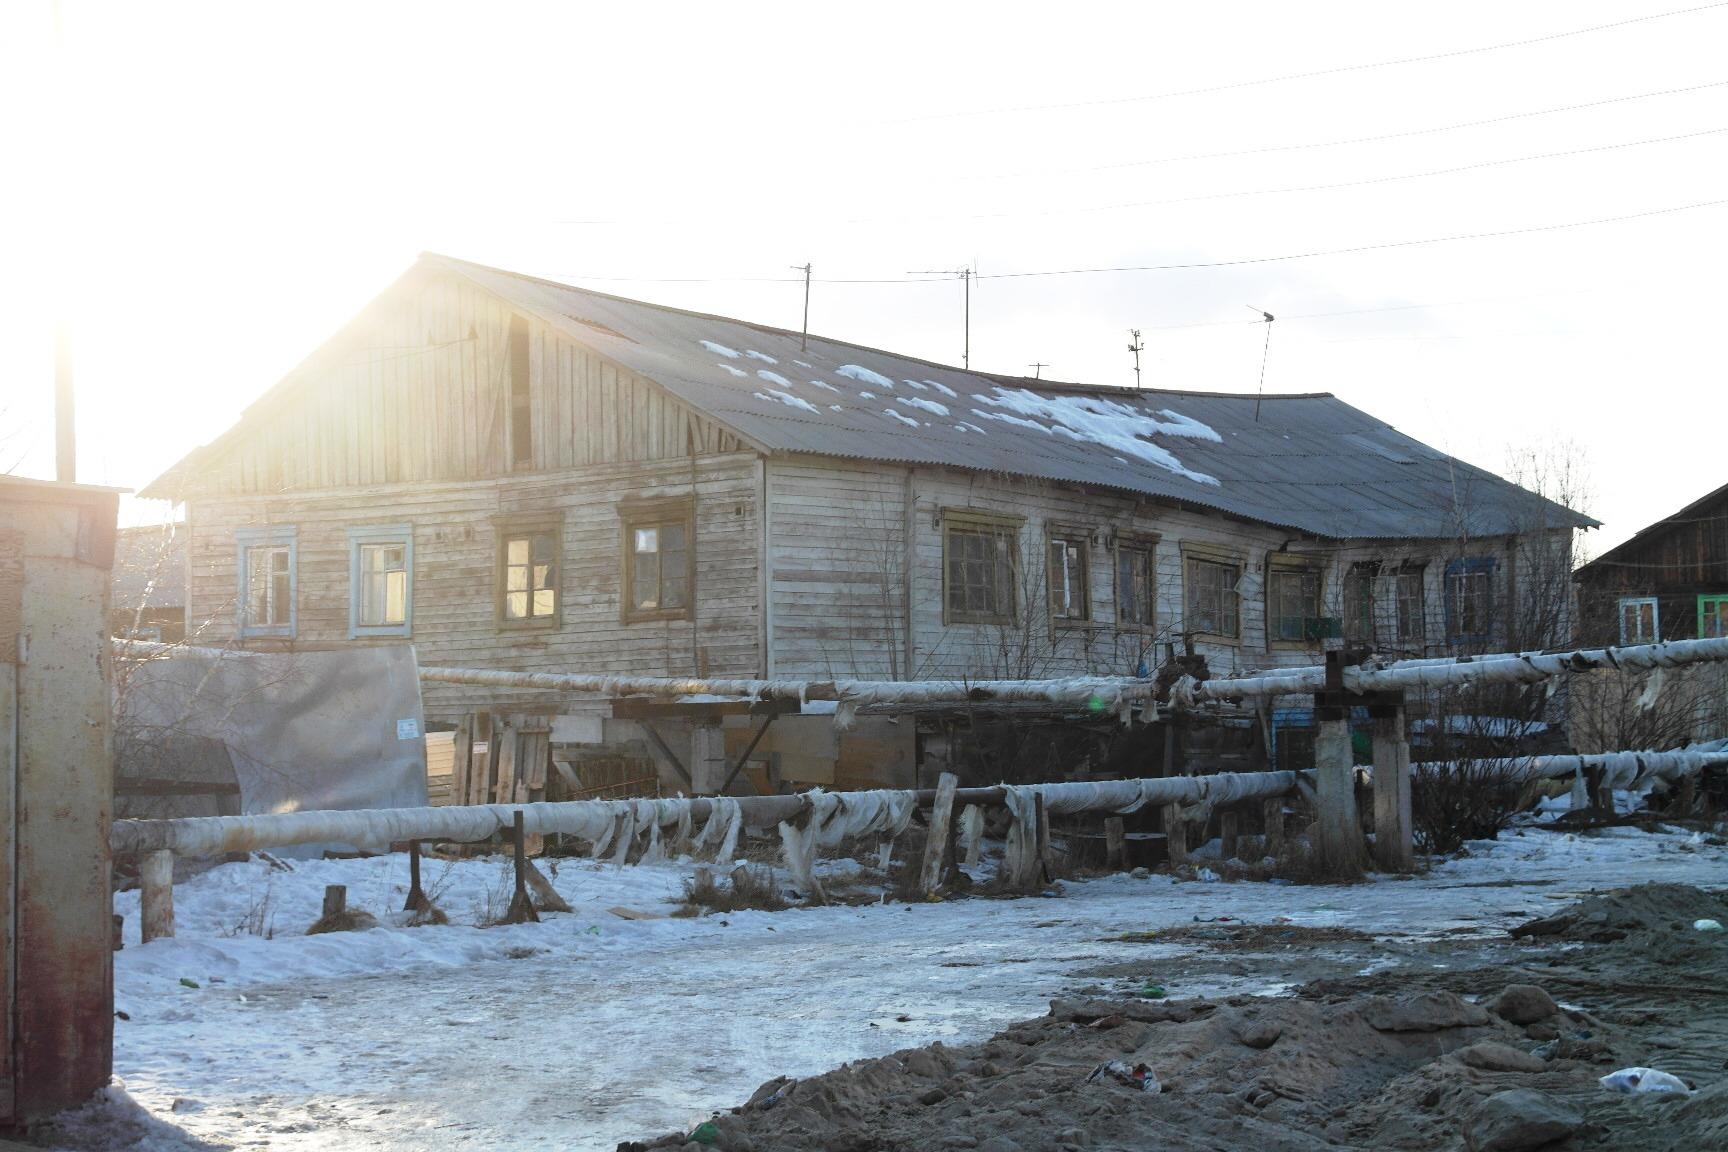 Владивосток:  Якутия, ты не права!